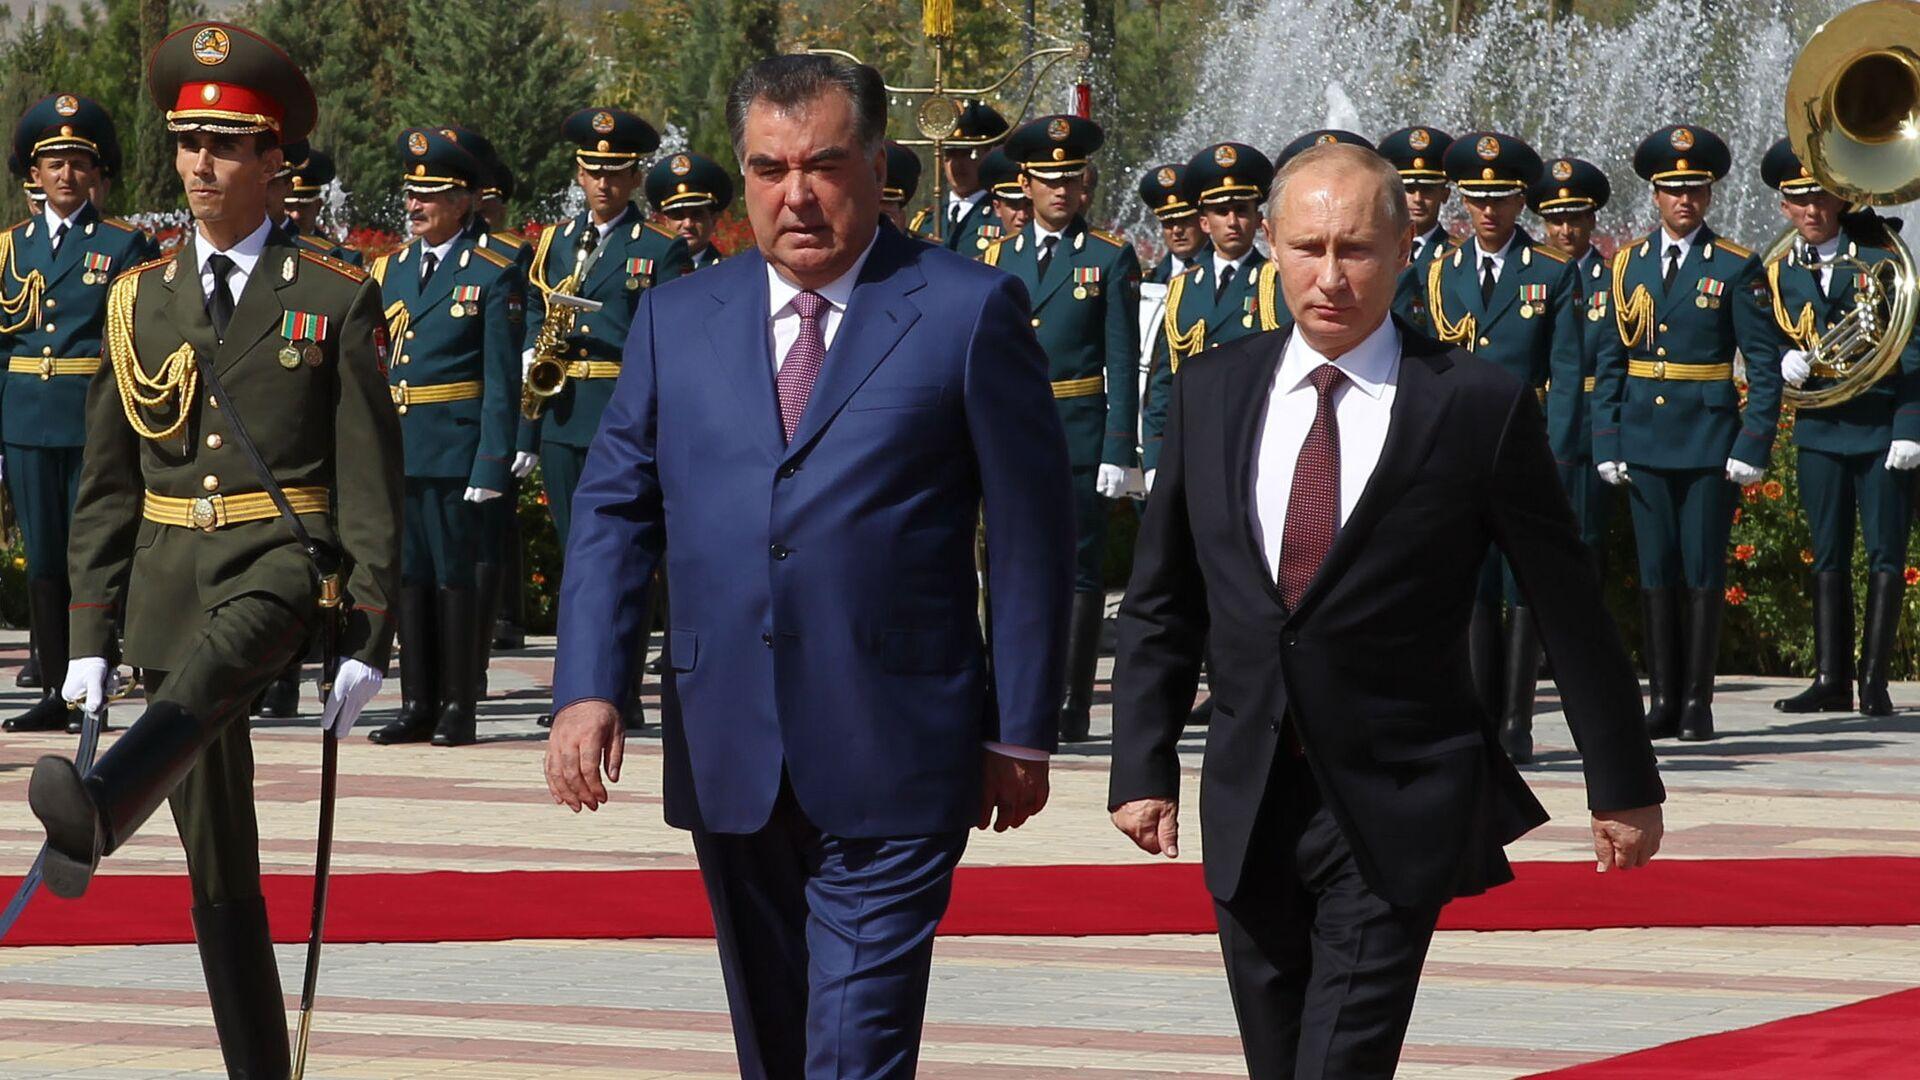 Официальный визит президента РФ В. Путина в Таджикистан, 2012 год, архивное фото - Sputnik Тоҷикистон, 1920, 20.09.2021